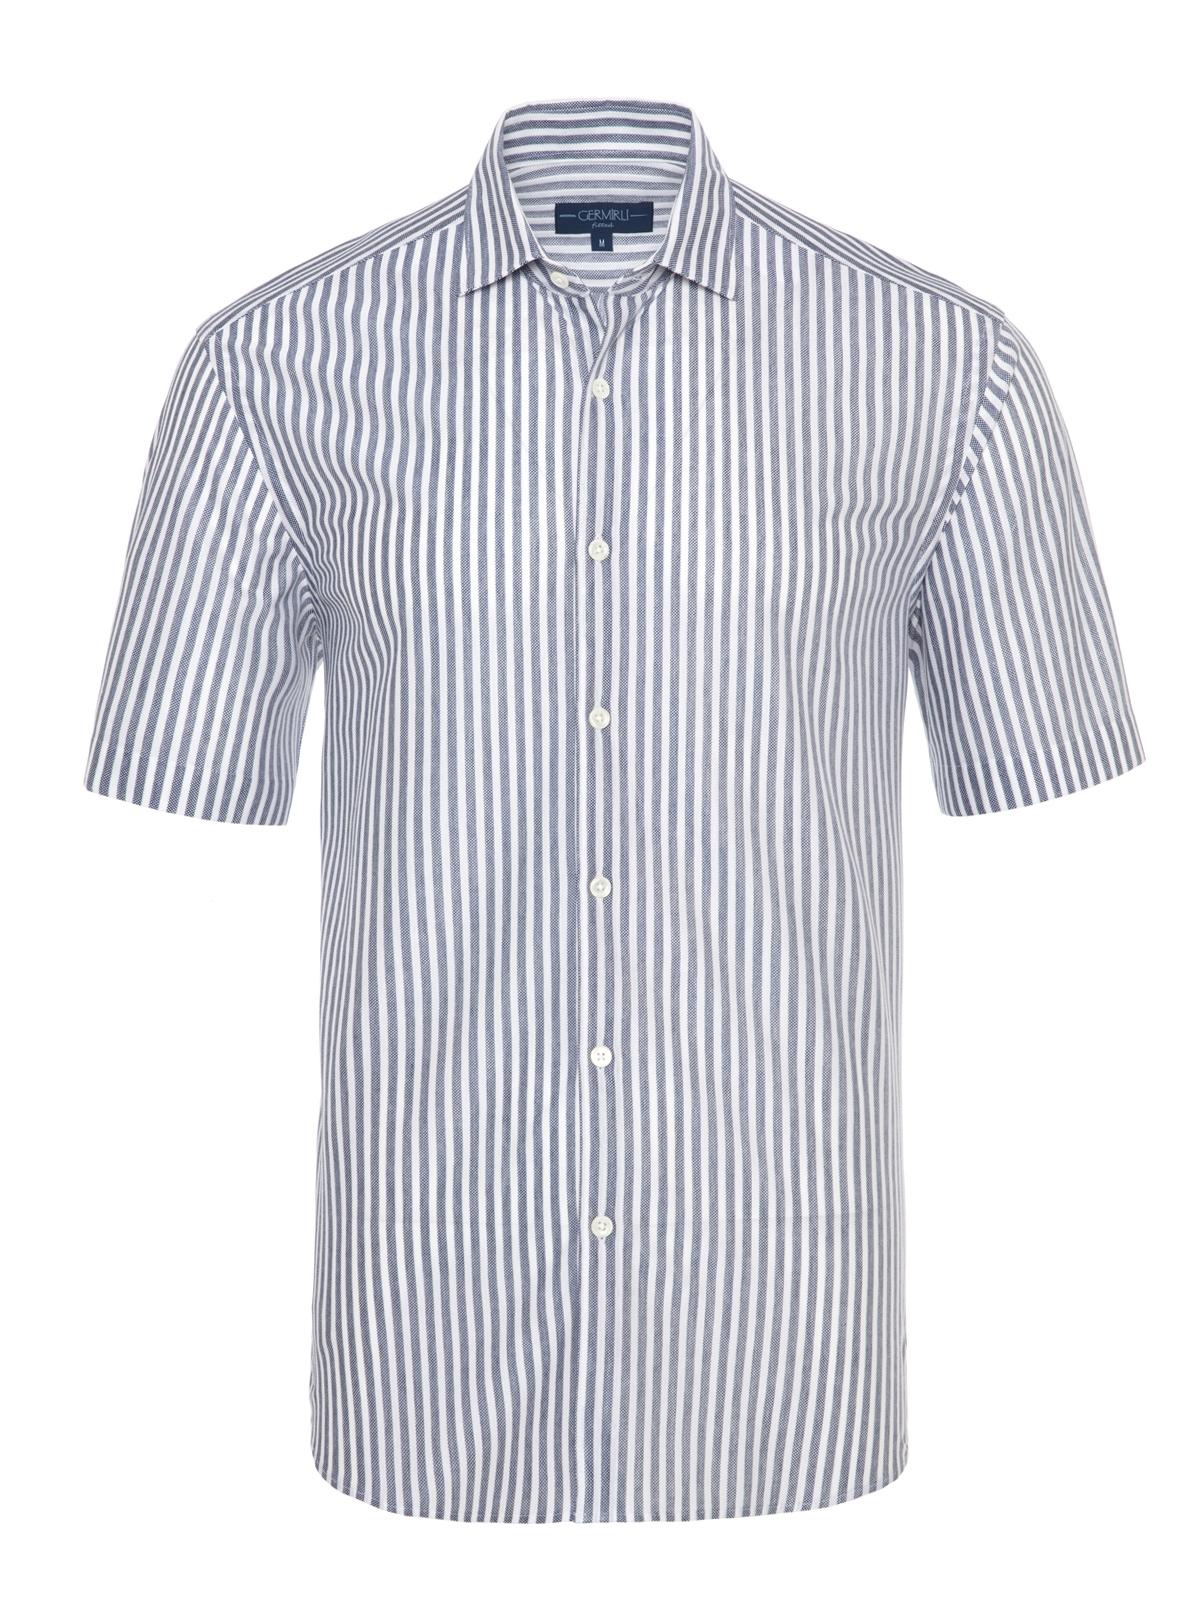 Germirli - Germirli Lacivert Beyaz Çizgili Kısa Kollu Soft Yaka Örme Tailor Fit Gömlek